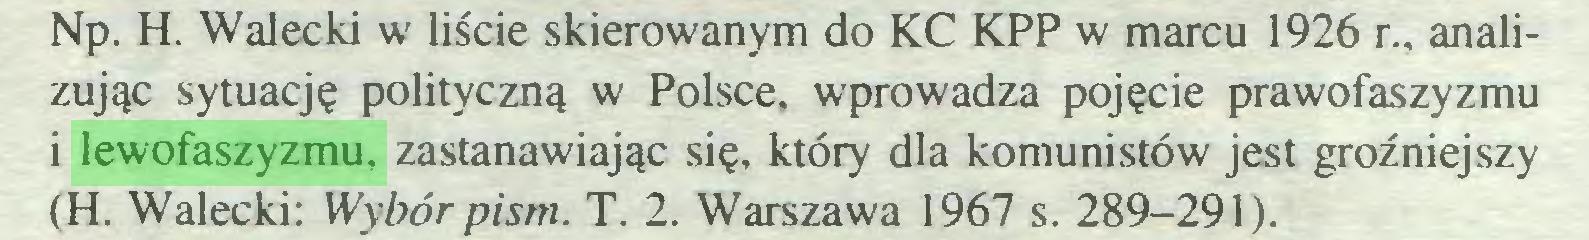 (...) Np. H. Wałecki w liście skierowanym do KC KPP w marcu 1926 r., analizując sytuację polityczną w Polsce, wprowadza pojęcie prawofaszyzmu i lewofaszyzmu, zastanawiając się, który dla komunistów jest groźniejszy (H. Wałecki: Wybór pism. T. 2. Warszawa 1967 s. 289-291)...